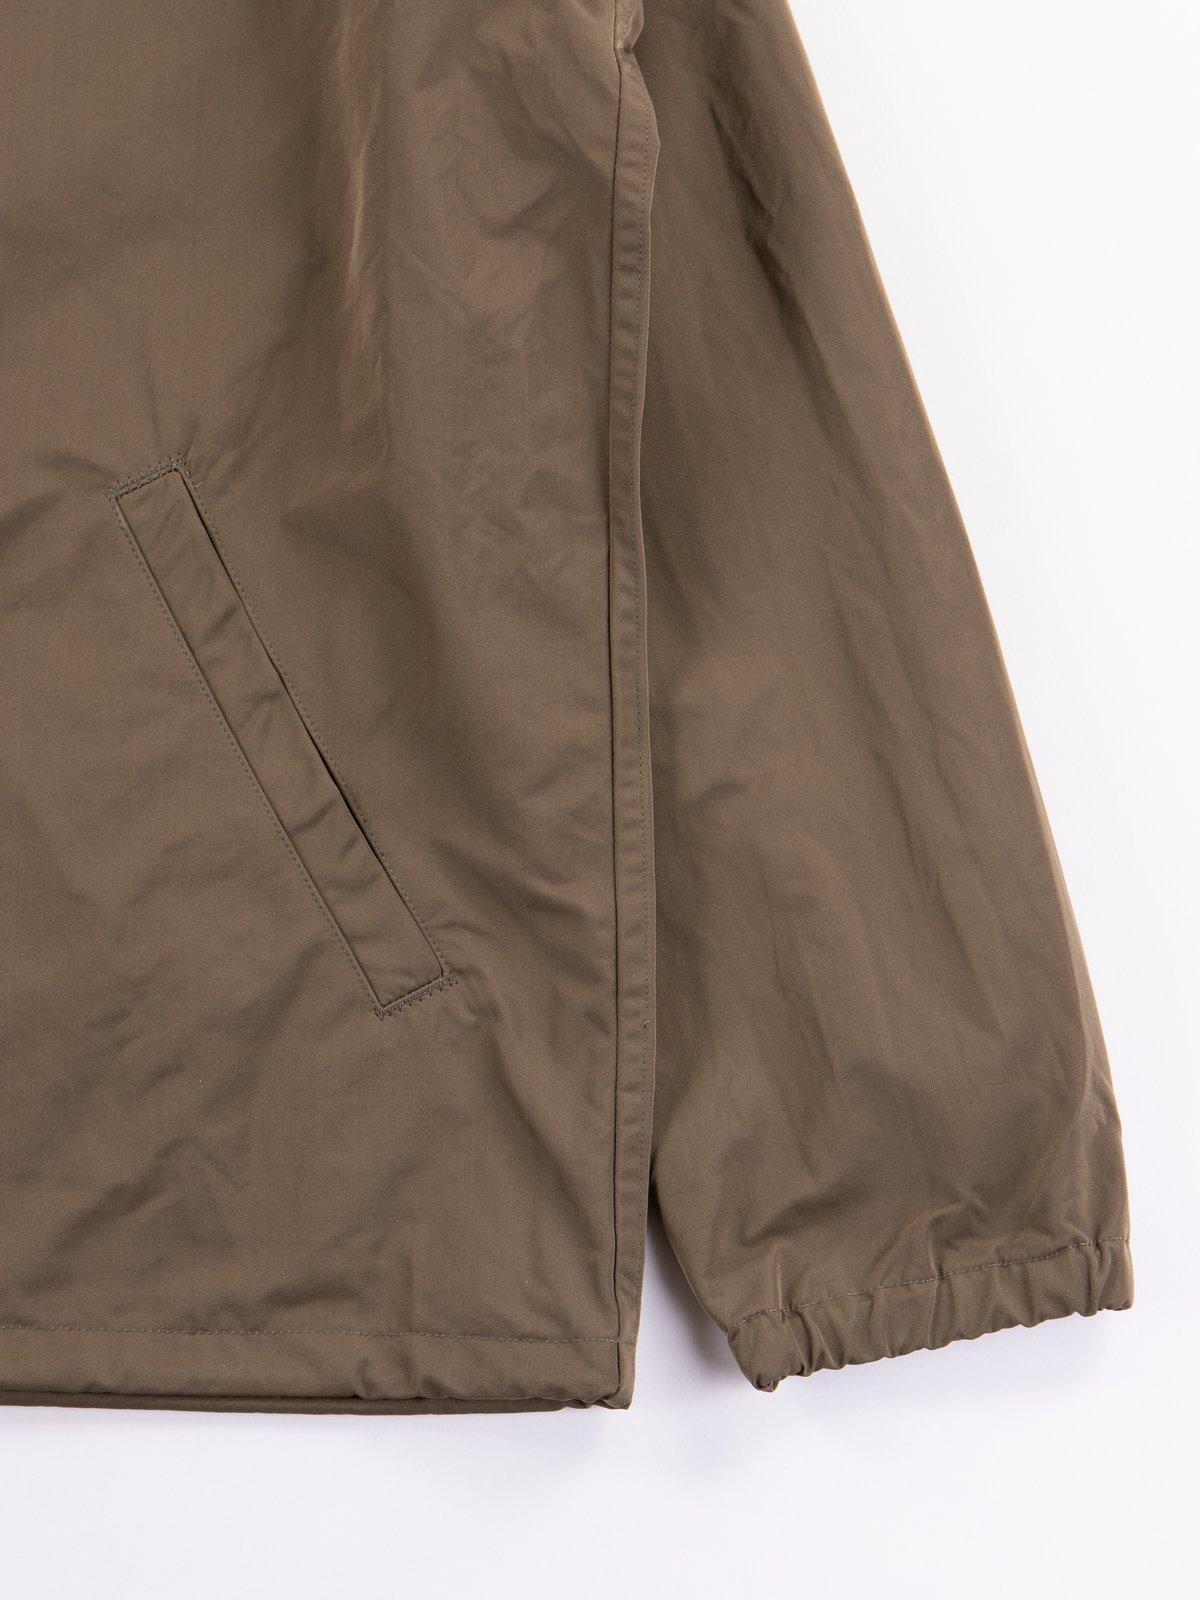 Khaki Coach Jacket - Image 5